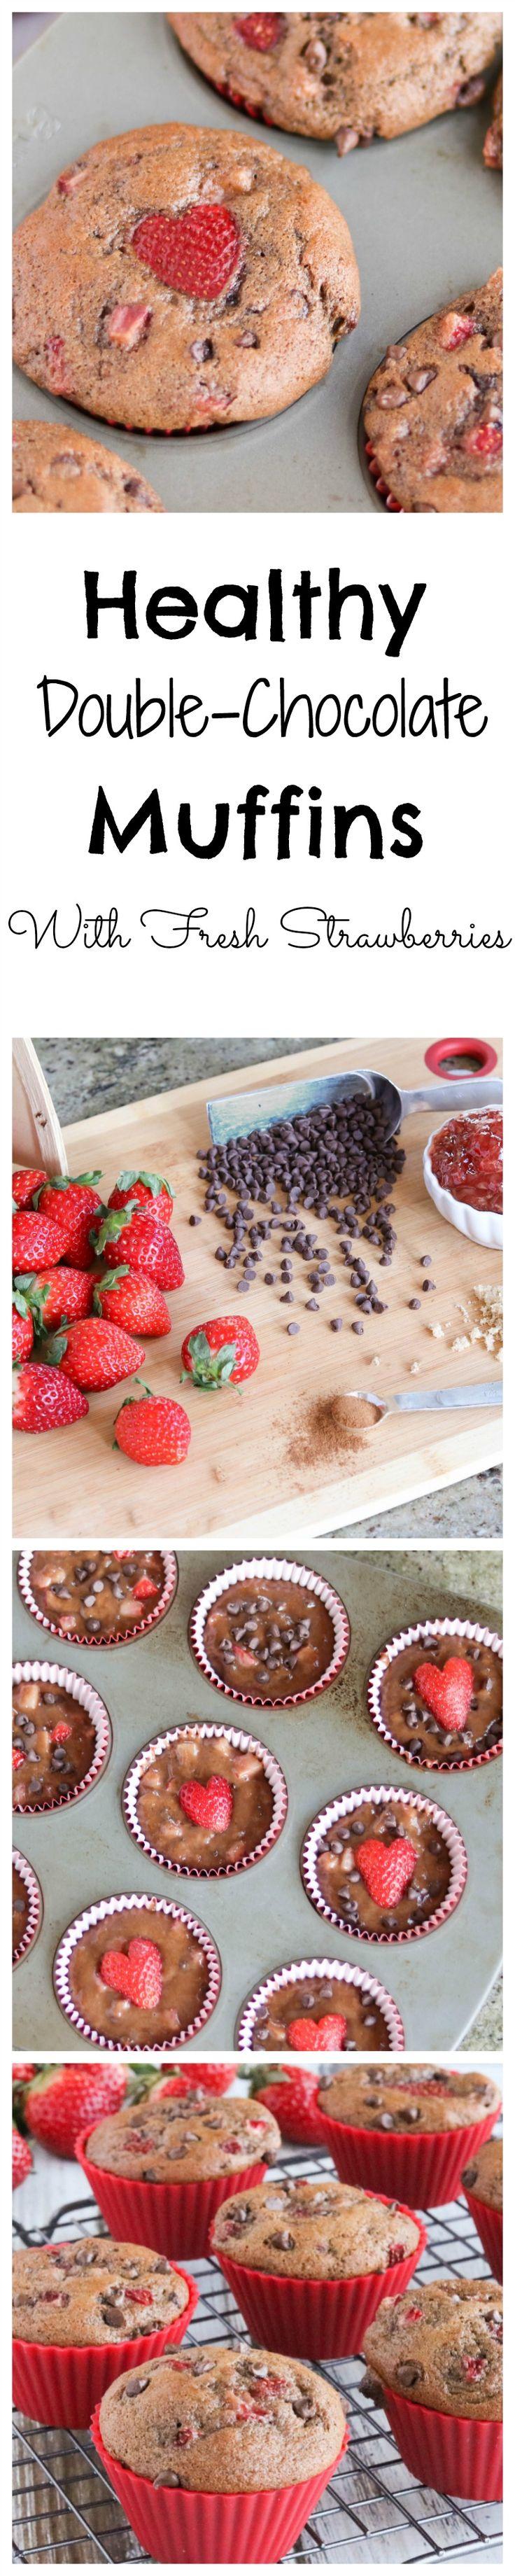 Estos muffins de chocolate dobles saludables con fresas frescas se cargan con sabor a chocolate rico y bayas jugosas!  Por lo tanto decadente, pero llena de granos enteros y mucho más baja en grasa!  Perfecto para aperitivos y sobre la marcha de los desayunos!  |  www.TwoHealthyKitchens.com